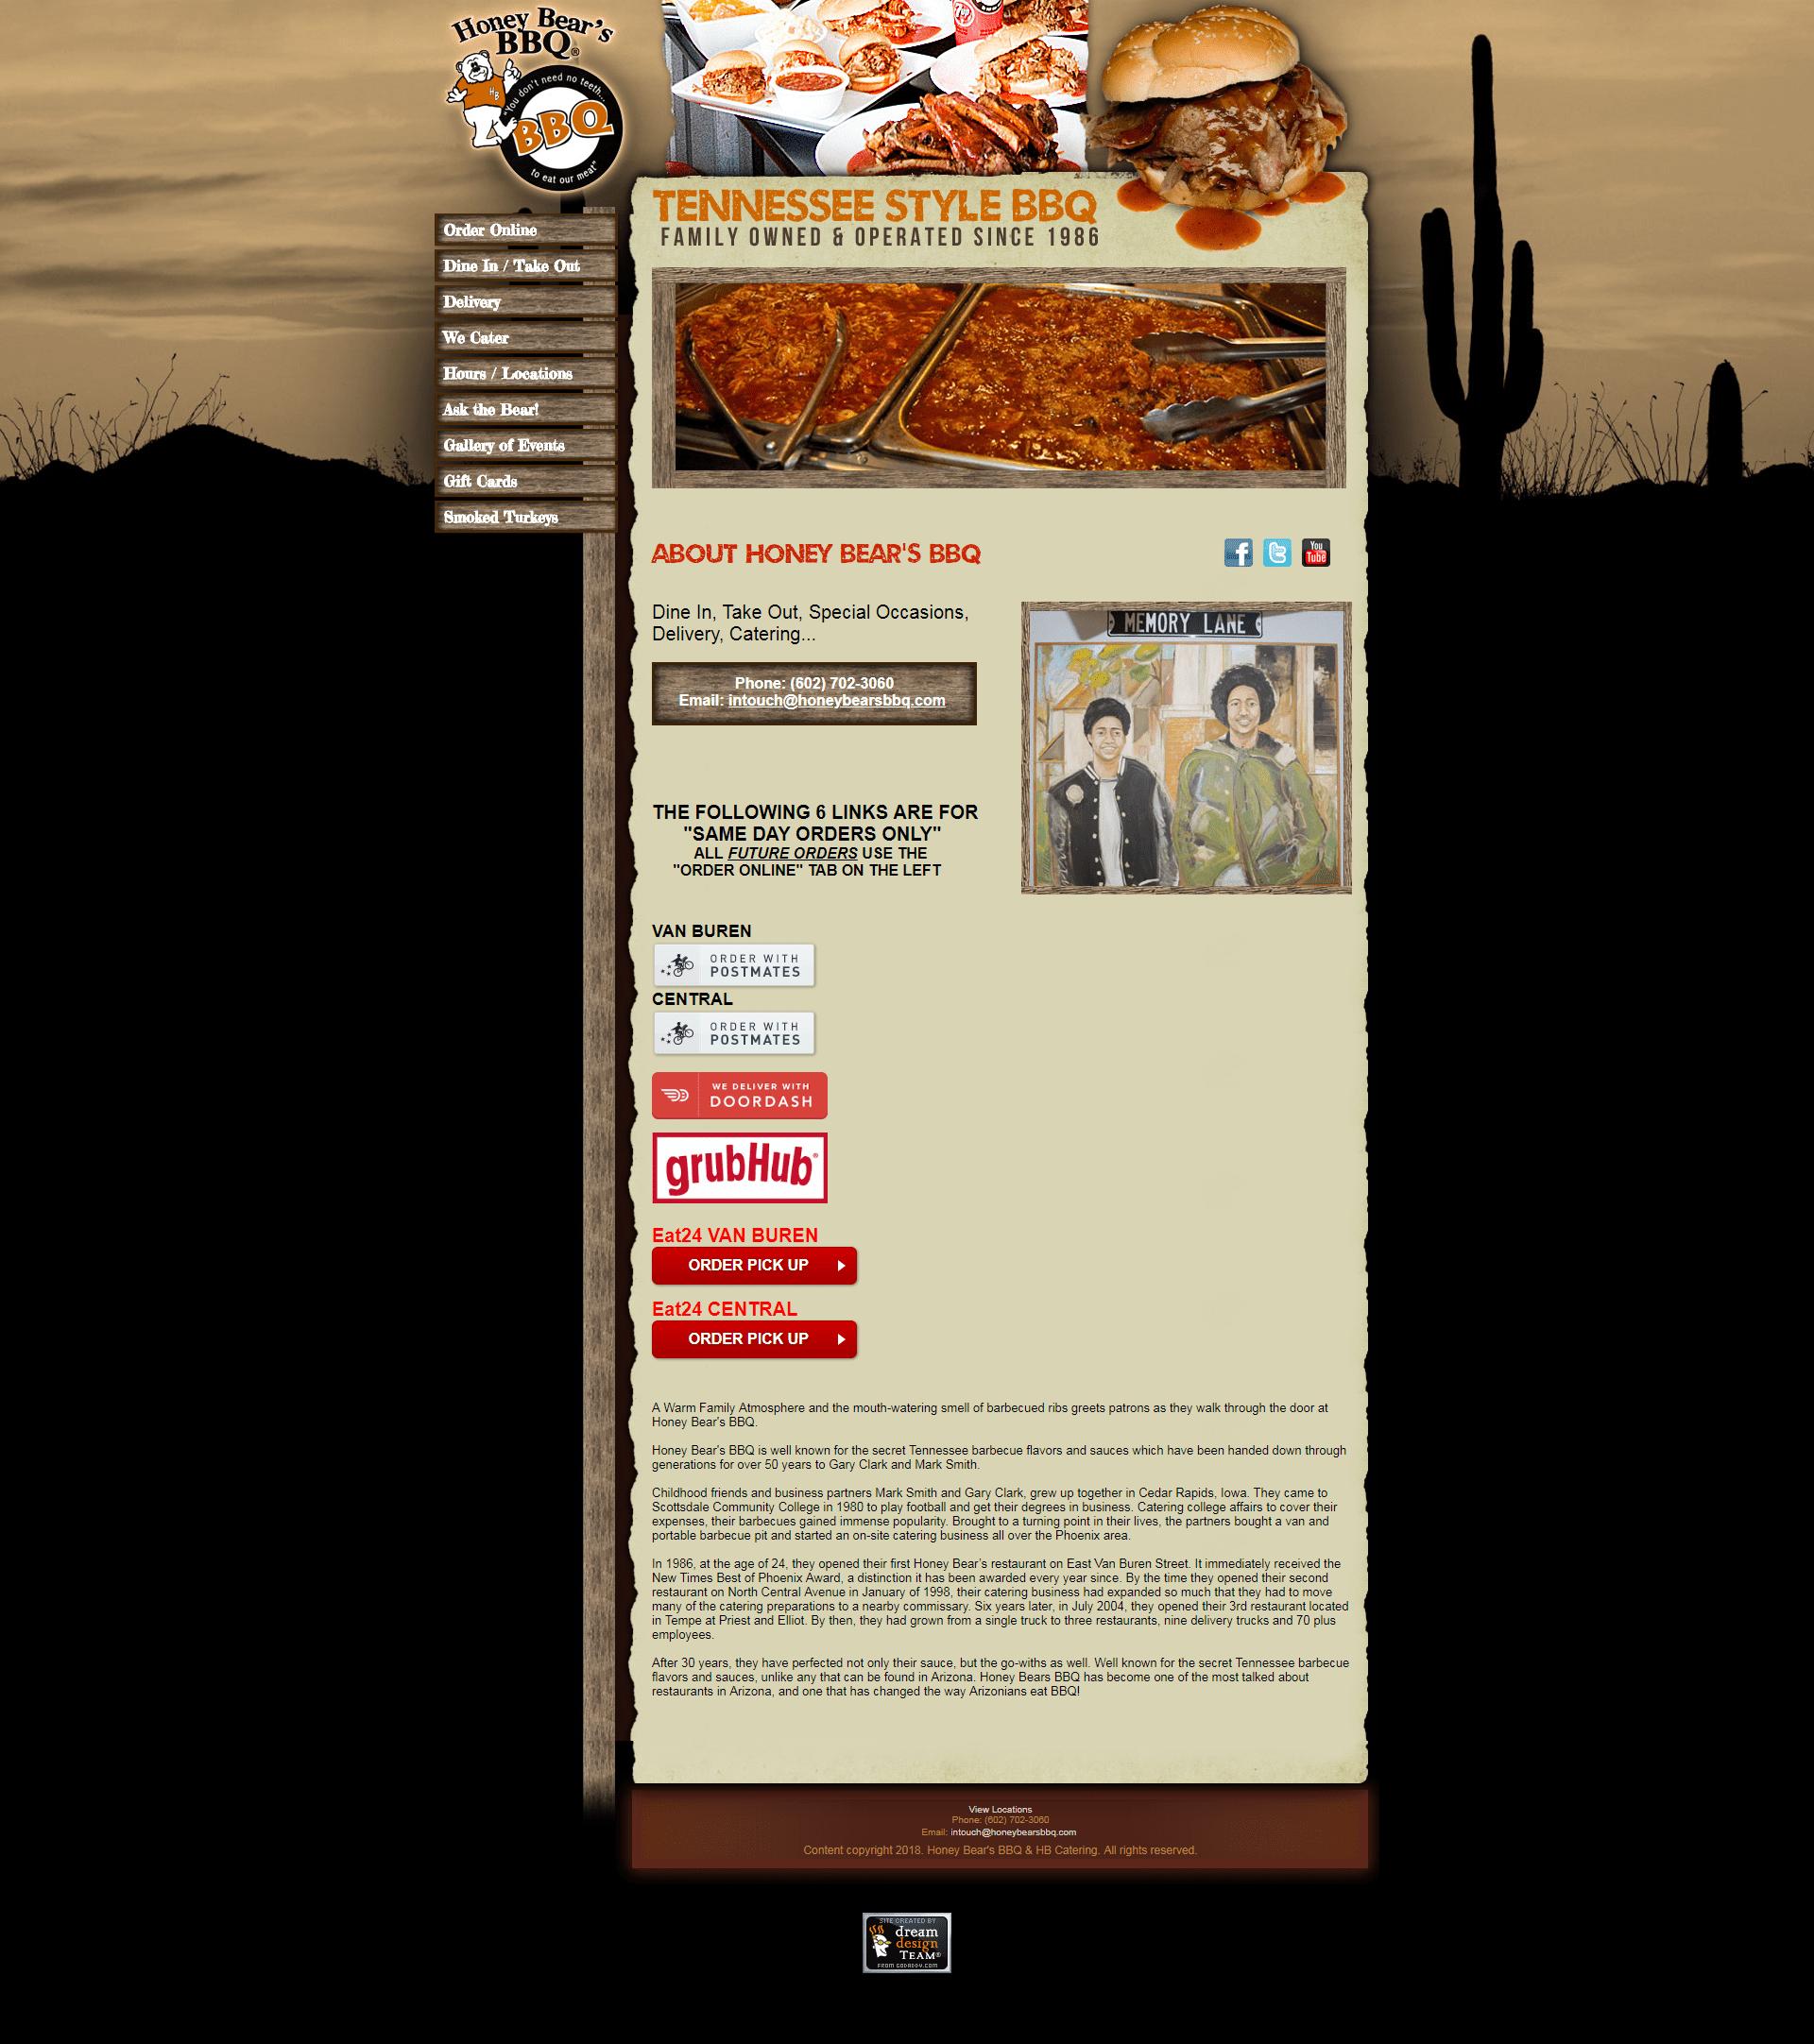 Honey Bear's BBQ, Inc. - old site - v7